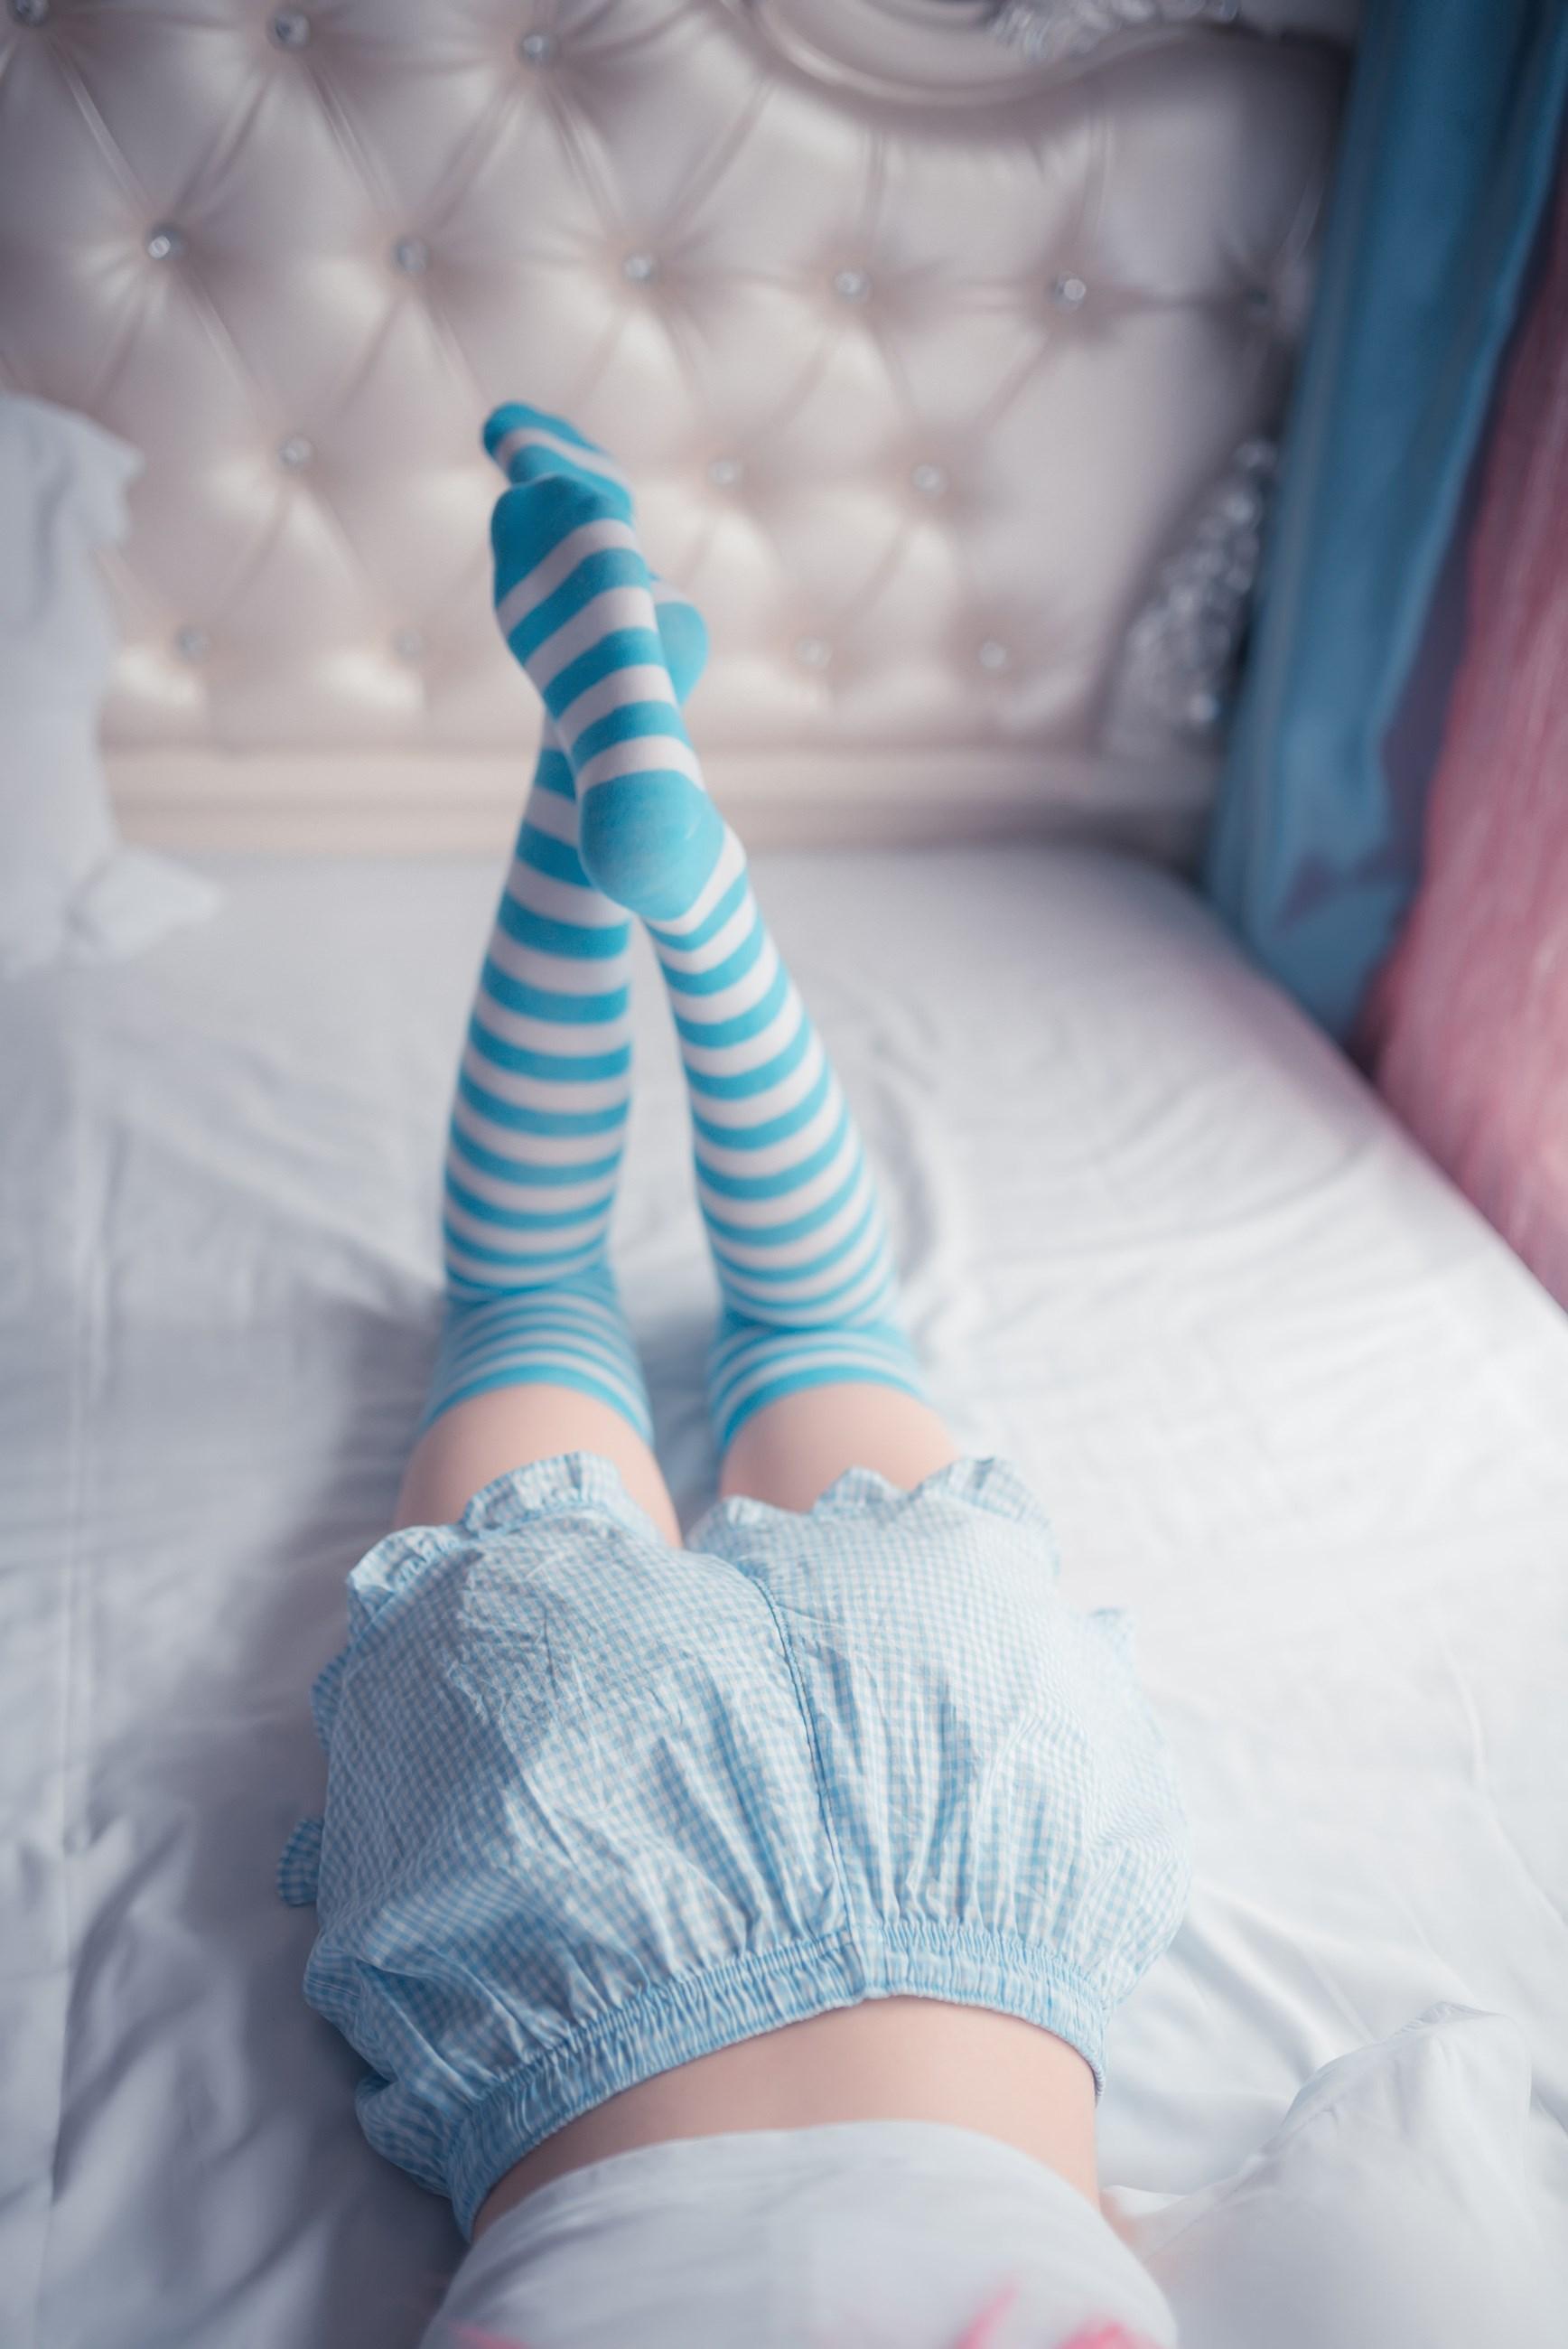 【兔玩映画】蓝白条纹 兔玩映画 第12张